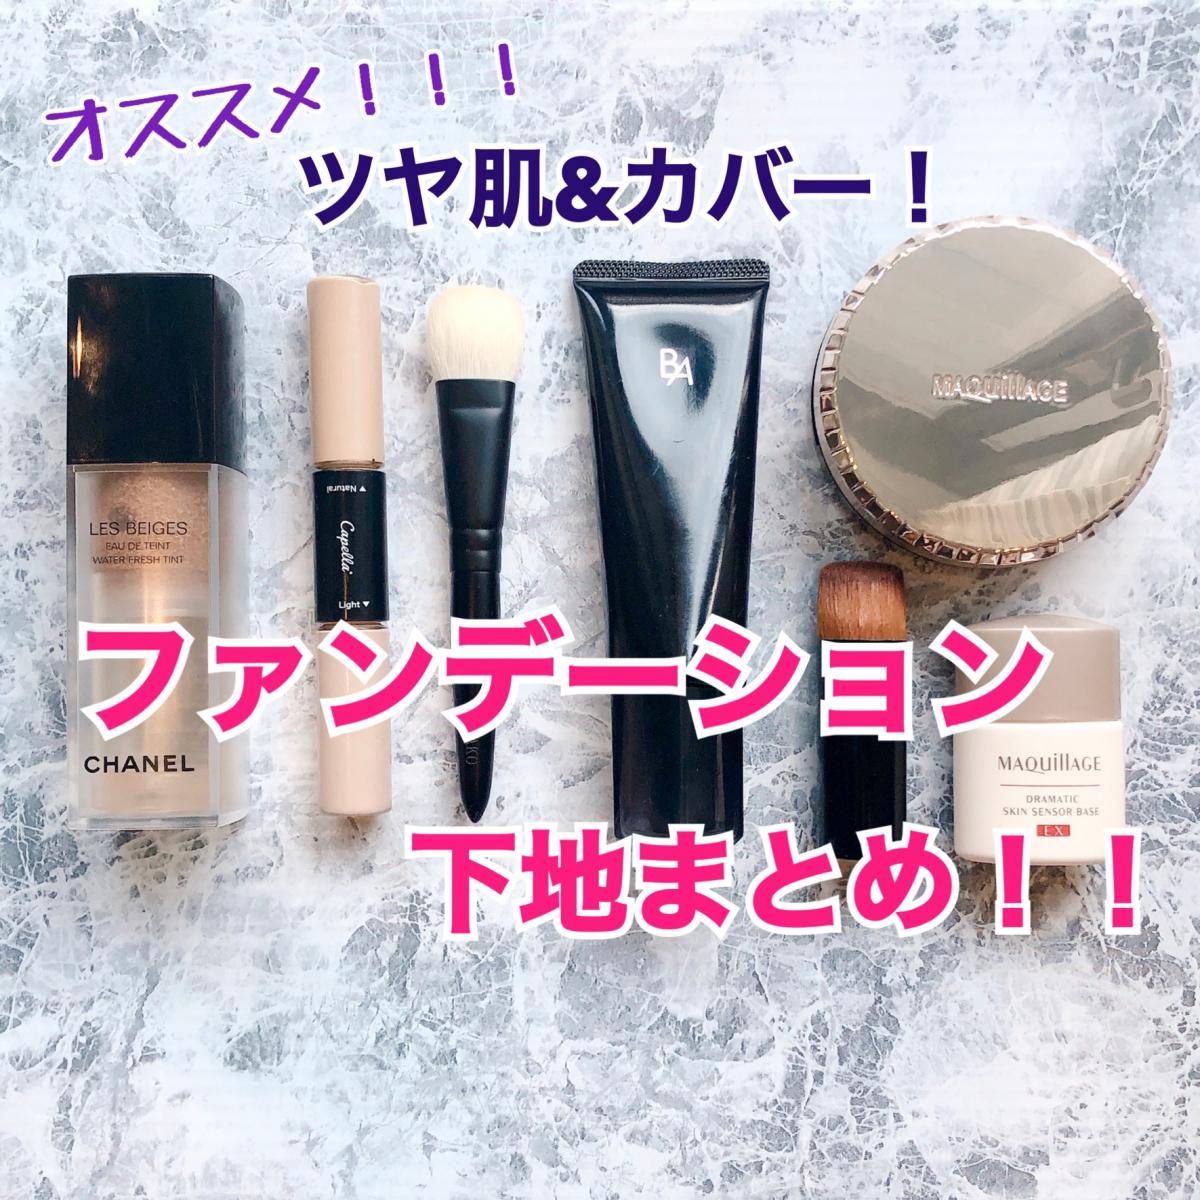 30&40代〜にもおすすめ!ファンデーション&下地!ツヤ肌カバー力アリ!塗り方簡単ファンデ